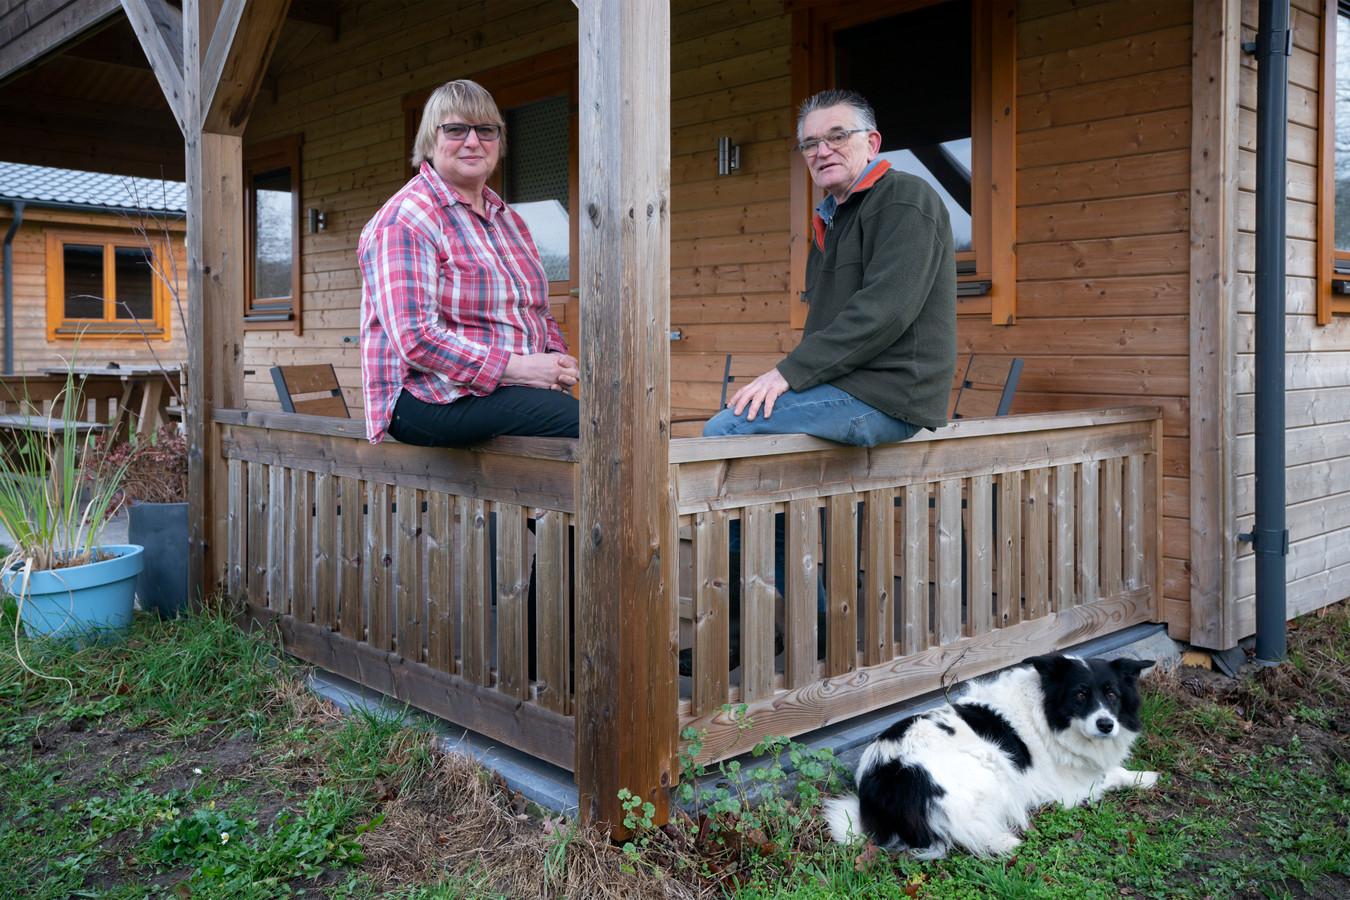 Jan en Mariet Muskens doen hun kampeerboerderij De Schaapskooi in Drunen over aan het Waalwijkse stel Niels en Karin de Jong.